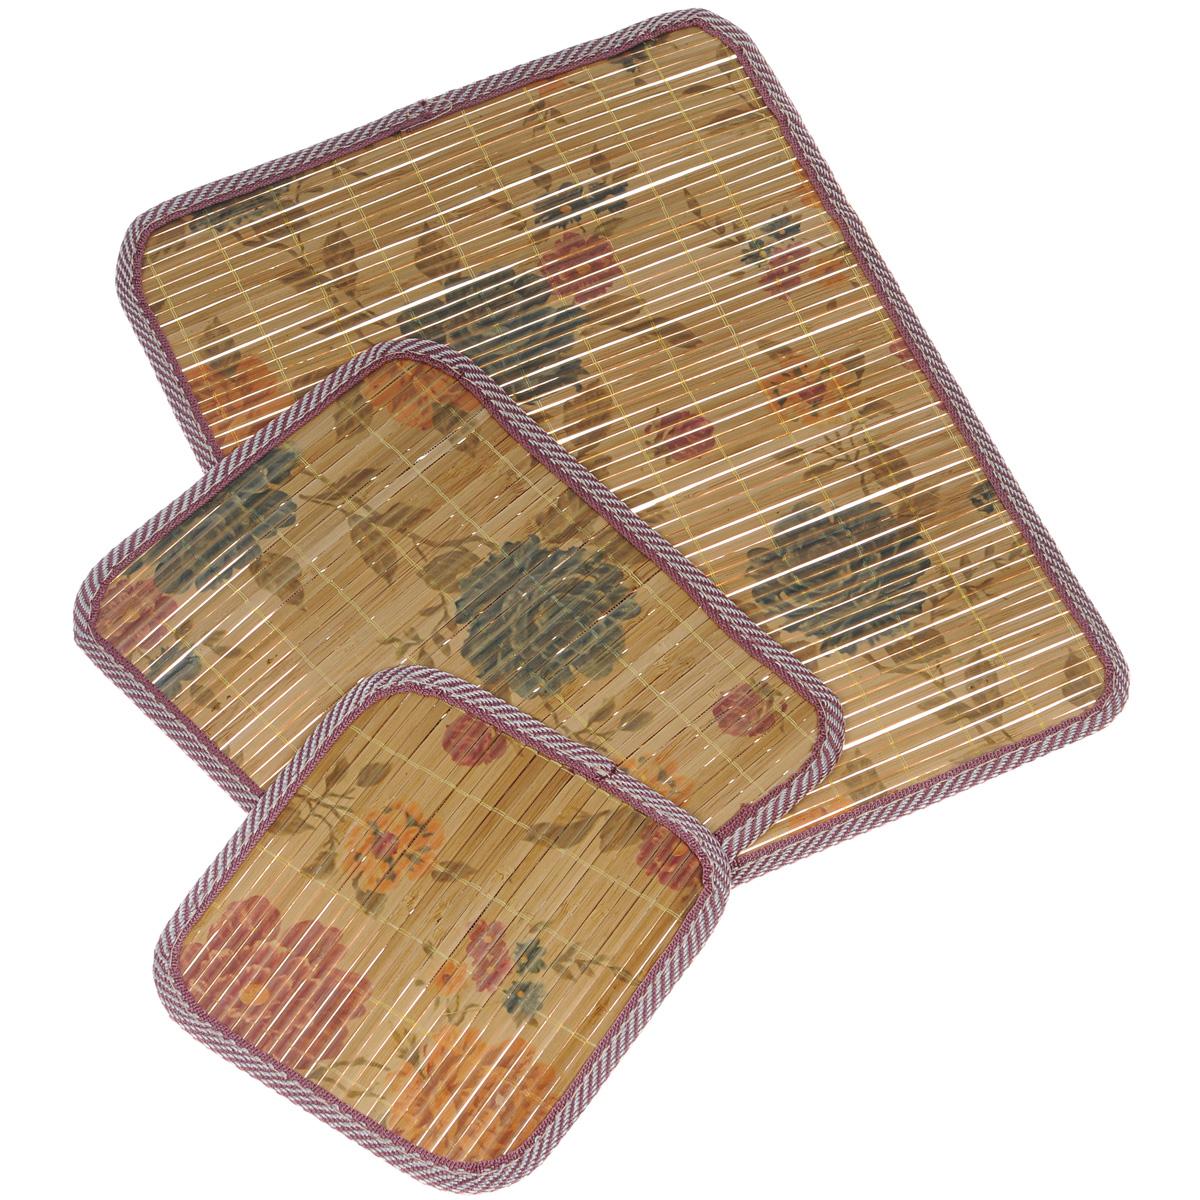 Набор салфеток под горячее Dommix, цвет: коричневый, 3 шт. OW041Б0008378Набор Dommix, состоящий из 3 бамбуковых салфеток под горячее, идеально впишется в интерьер современной кухни. Изделия декорированы изображением цветов. Салфетки из бамбука не впитывают запахи, легко моются, не деформируются при длительном использовании. Бамбук обладает антибактериальными и водоотталкивающими свойствами. Также имеют высокую прочность.Каждая хозяйка знает, что салфетка под горячее - это незаменимый и очень полезный аксессуар на каждой кухне. Ваш стол будет не только украшен оригинальной салфеткой, но и сбережен от воздействия высоких температур ваших кулинарных шедевров. Размер маленькой салфетки: 18 см х 18,5 см х 0,2 см.Размер средней салфетки: 27,5 см х 20,5 см х 0,2 см.Размер большой салфетки: 39 см х 30 см х 0,2 см.